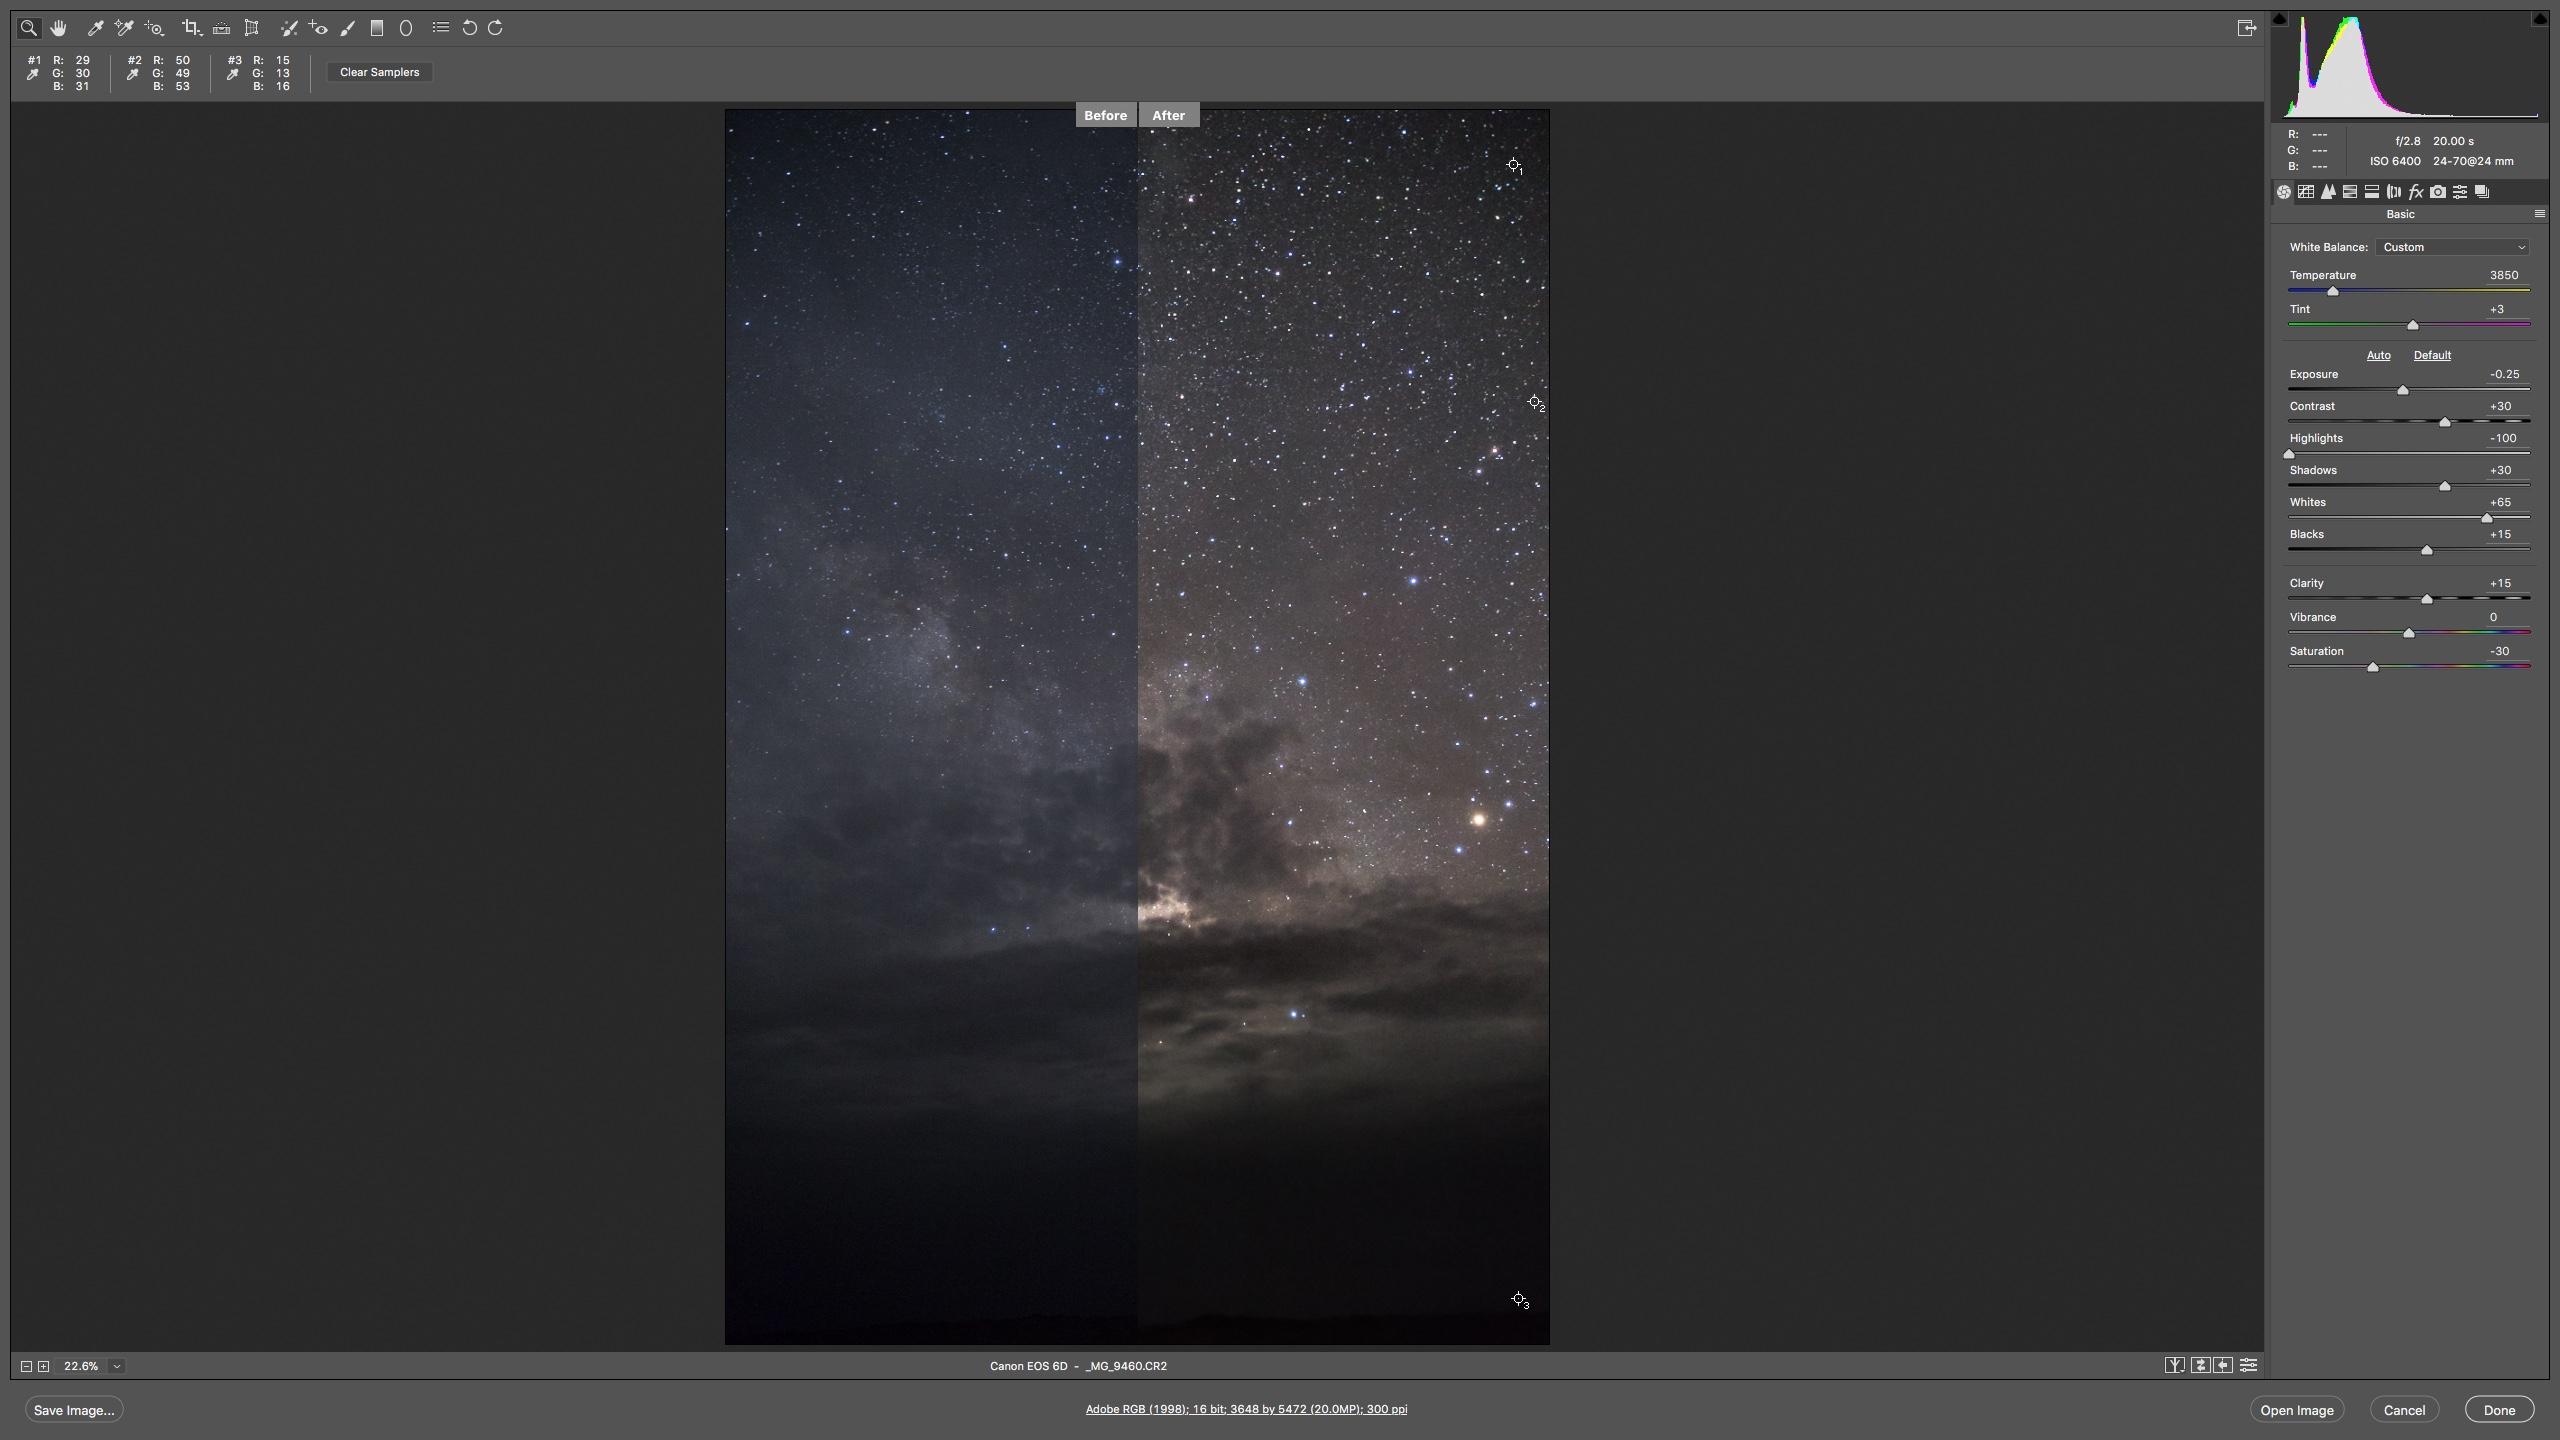 عکس ۱۱: مقایسه پیش و پس از ویرایش عکس